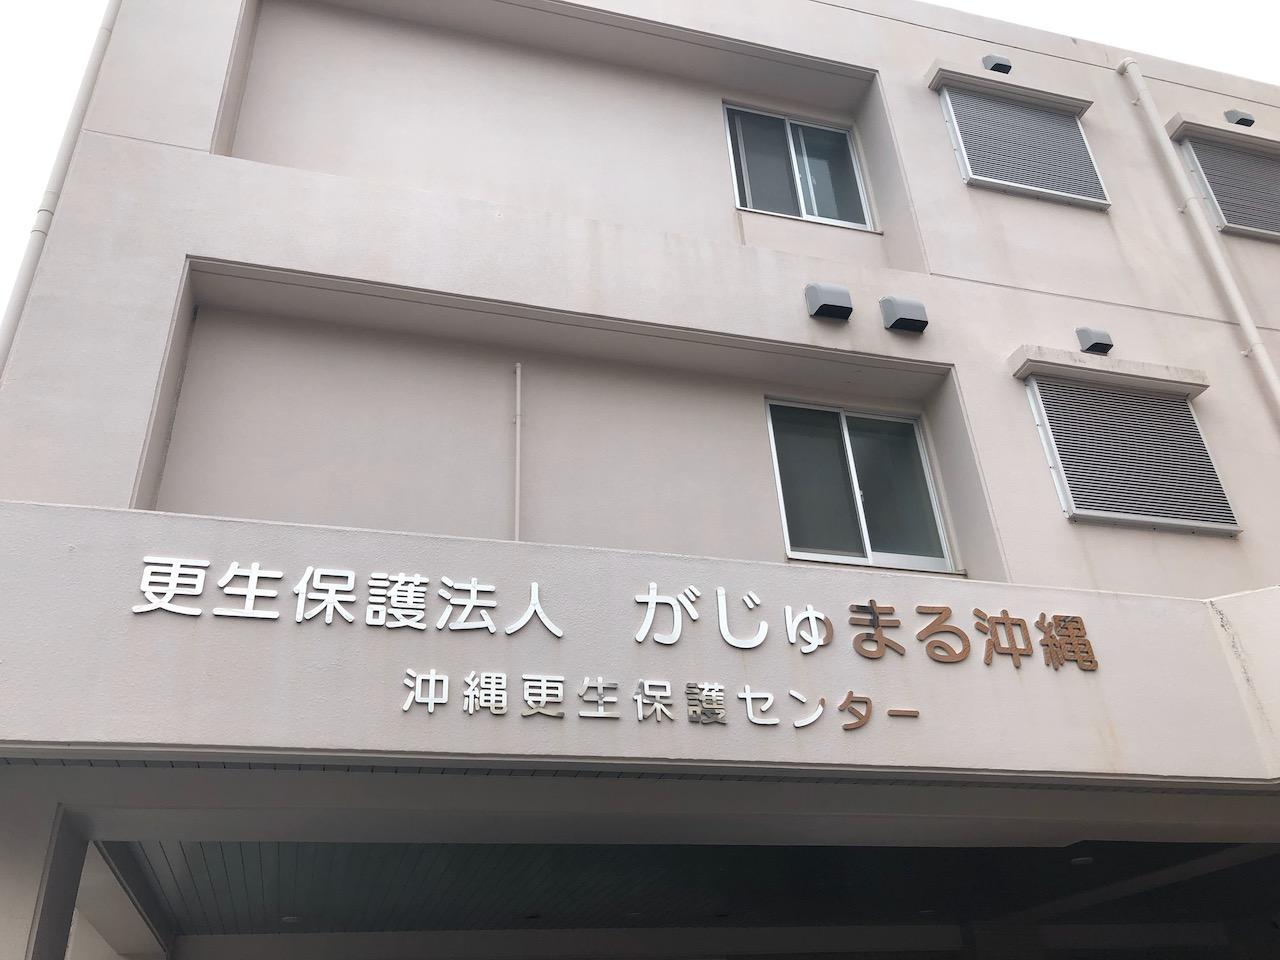 沖縄県協力雇用主会